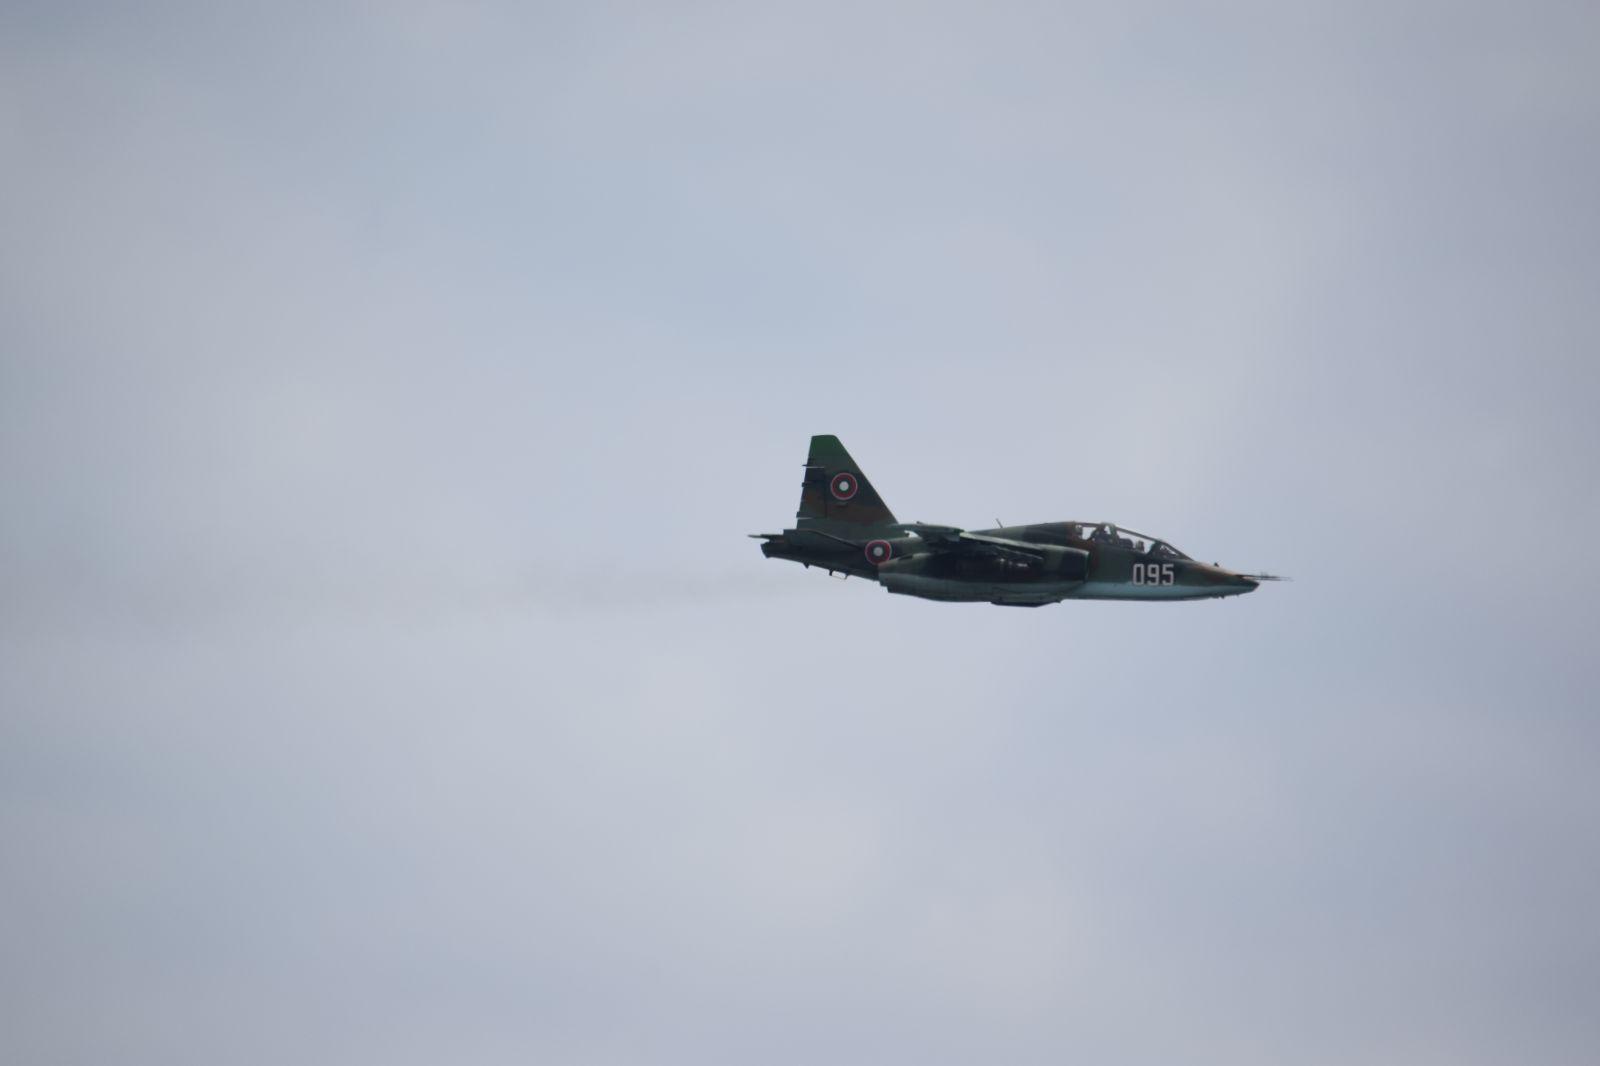 """ТУБЕС """"Шабла 2019"""" Част 4 ген. Цанко Стойков, командир на ВВС: Ако няма ремонт на Су-25, от 2020 г. самолетът спира да лети"""